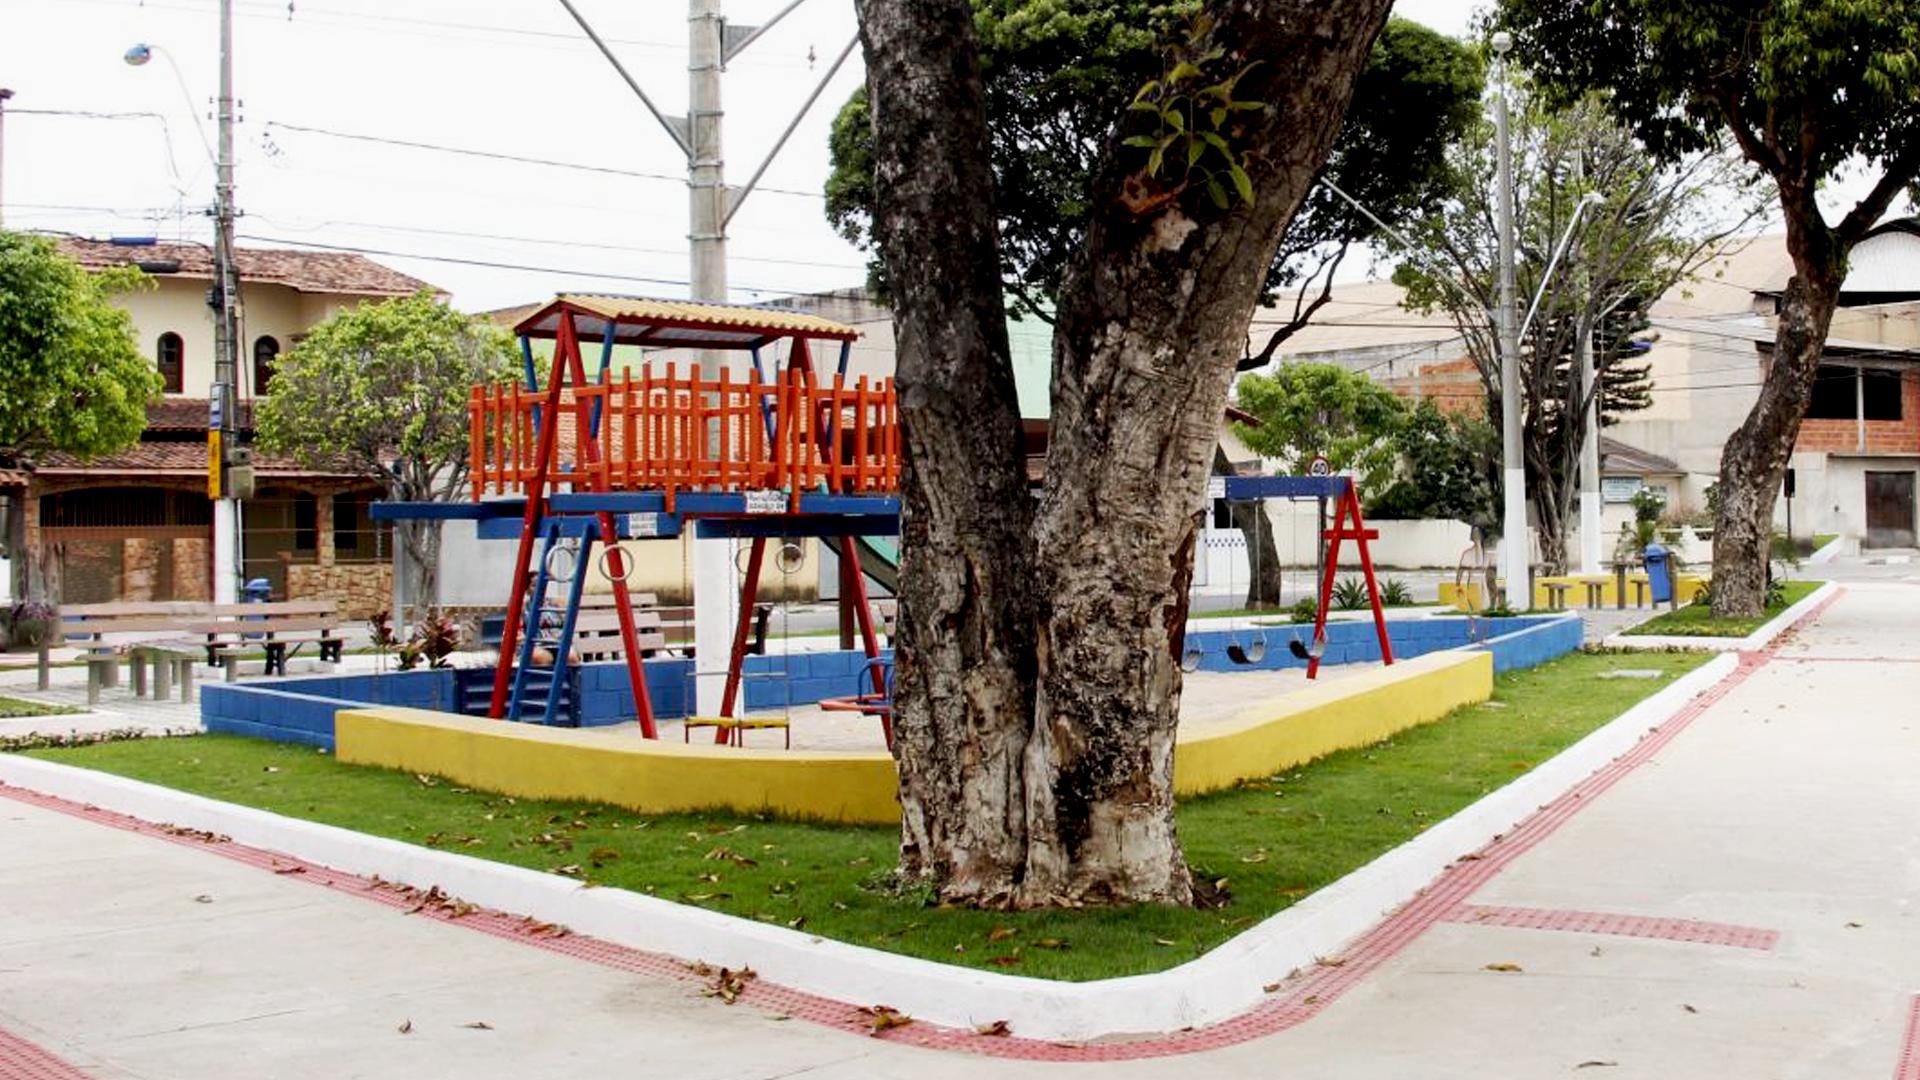 http://demartinconstrutora.com.br/santa-ines-um-bairro-completo-e-perfeito-pra-voce/